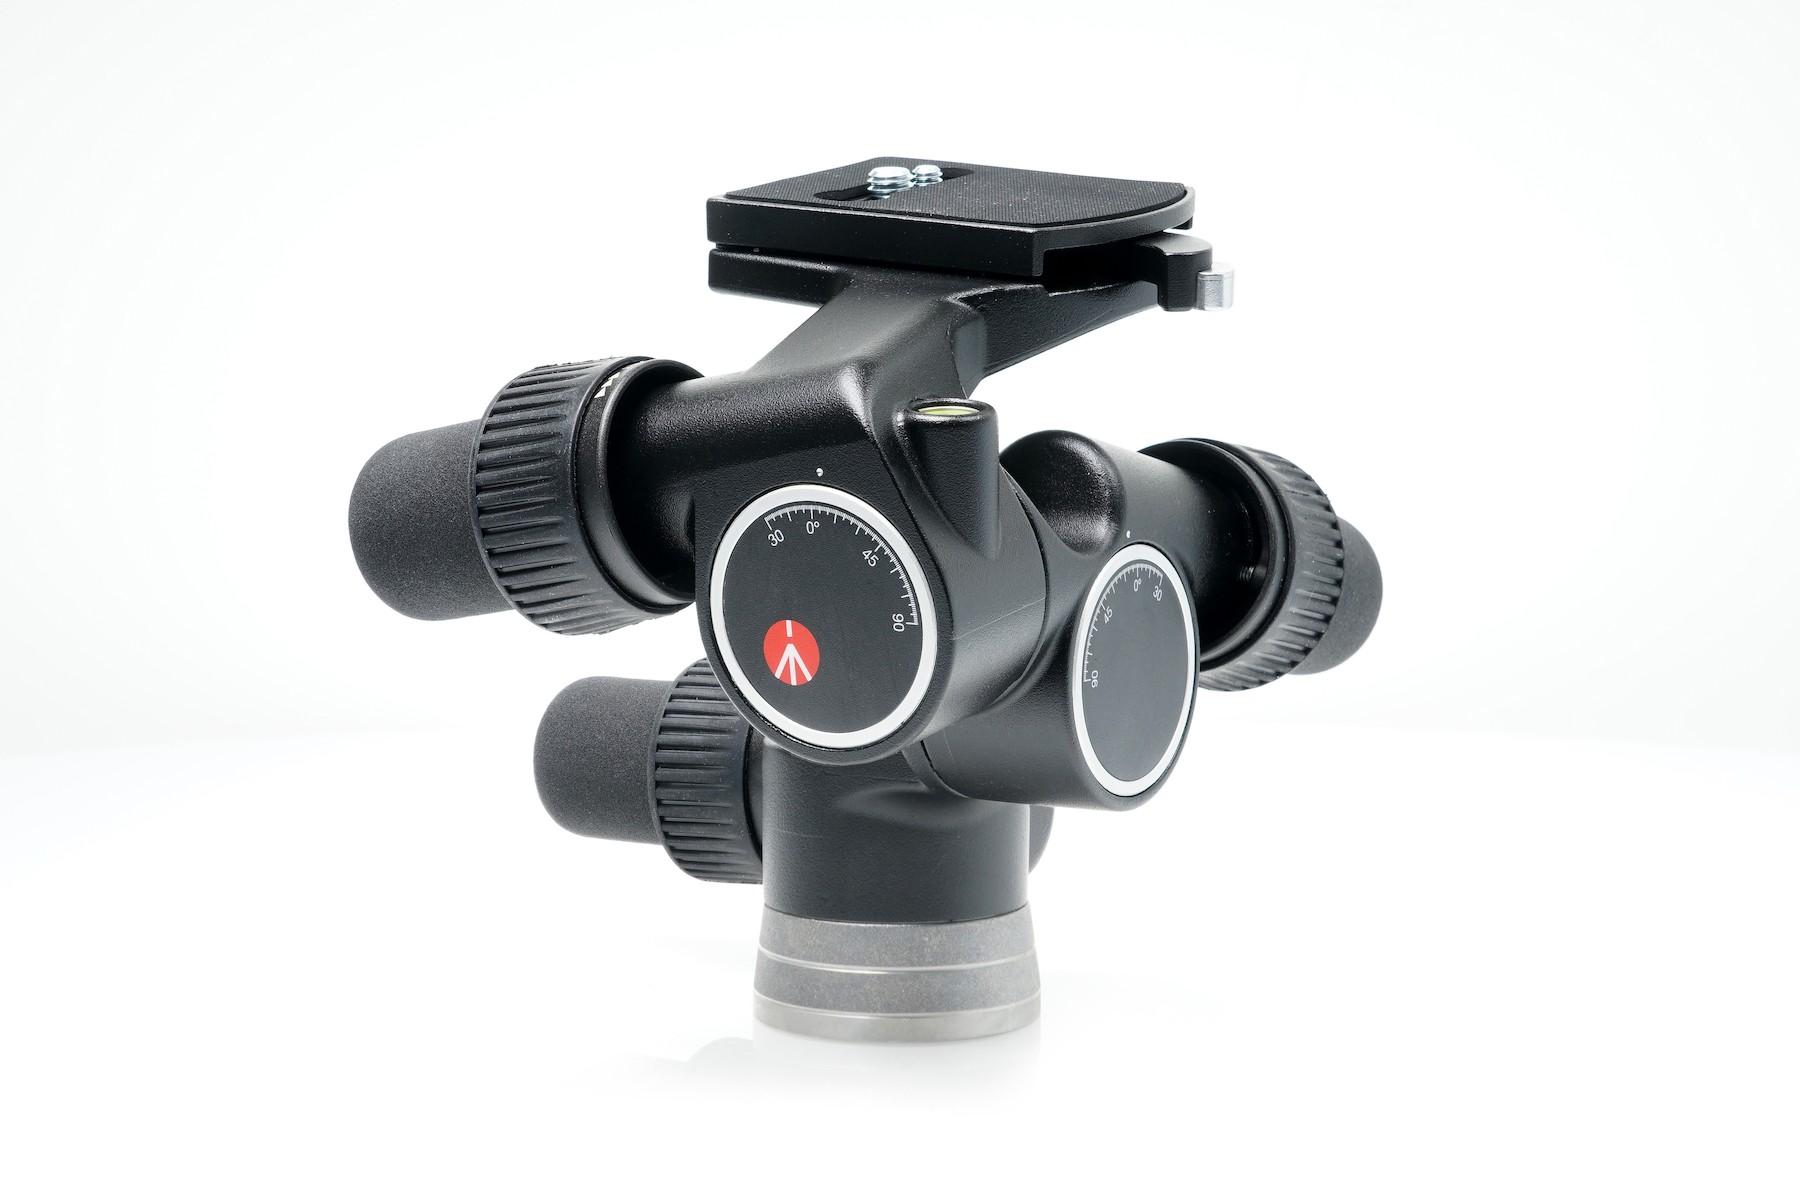 Pro Digital Geared Head